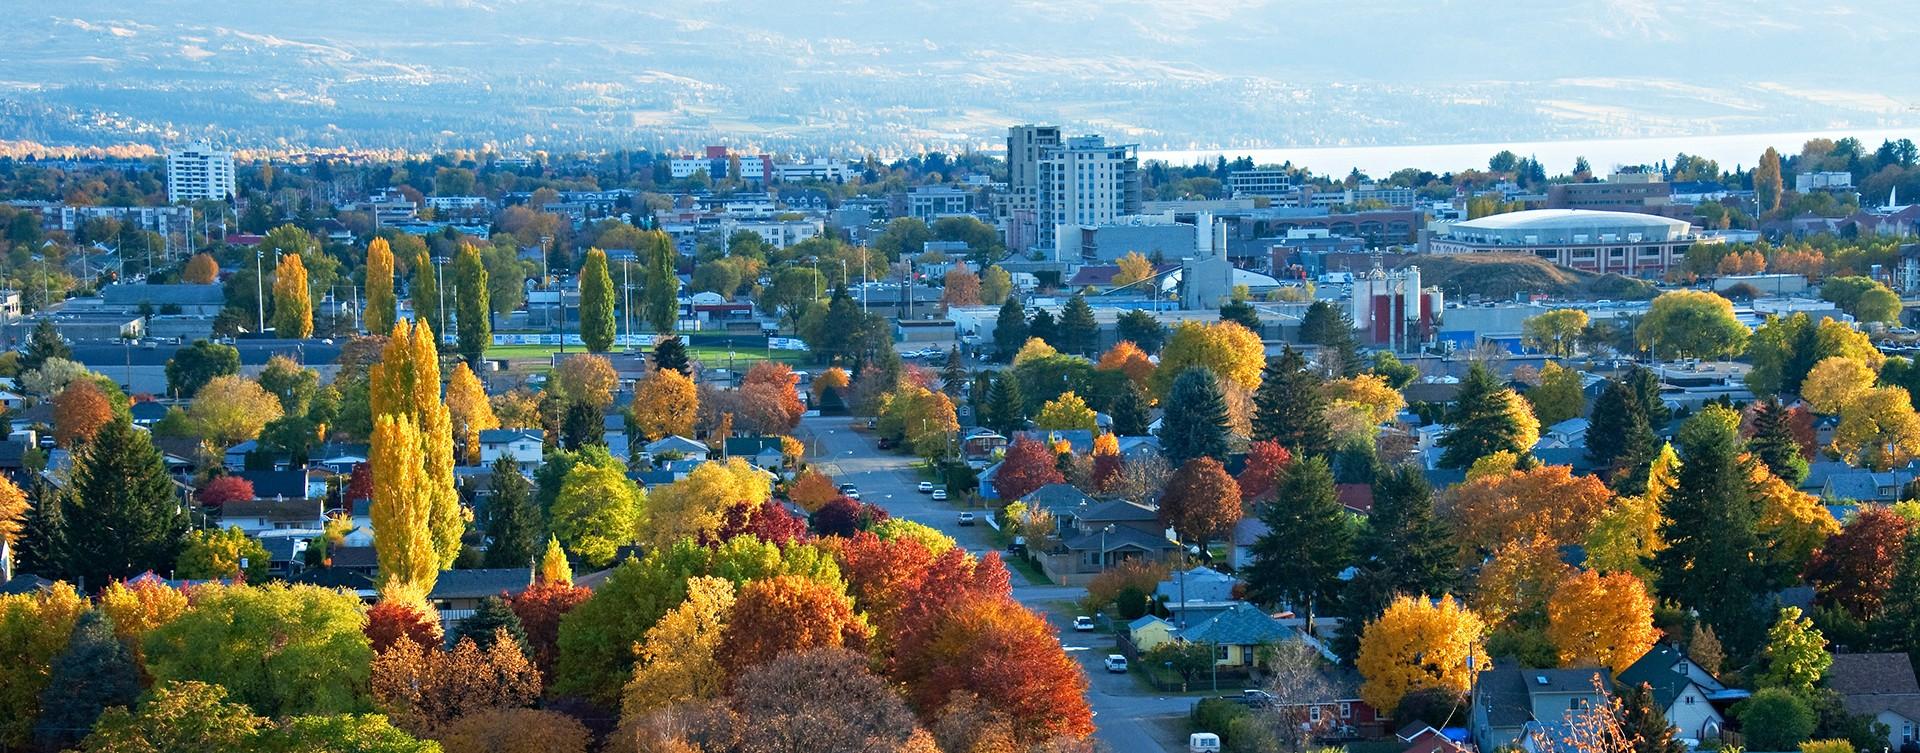 Colourful fall trees